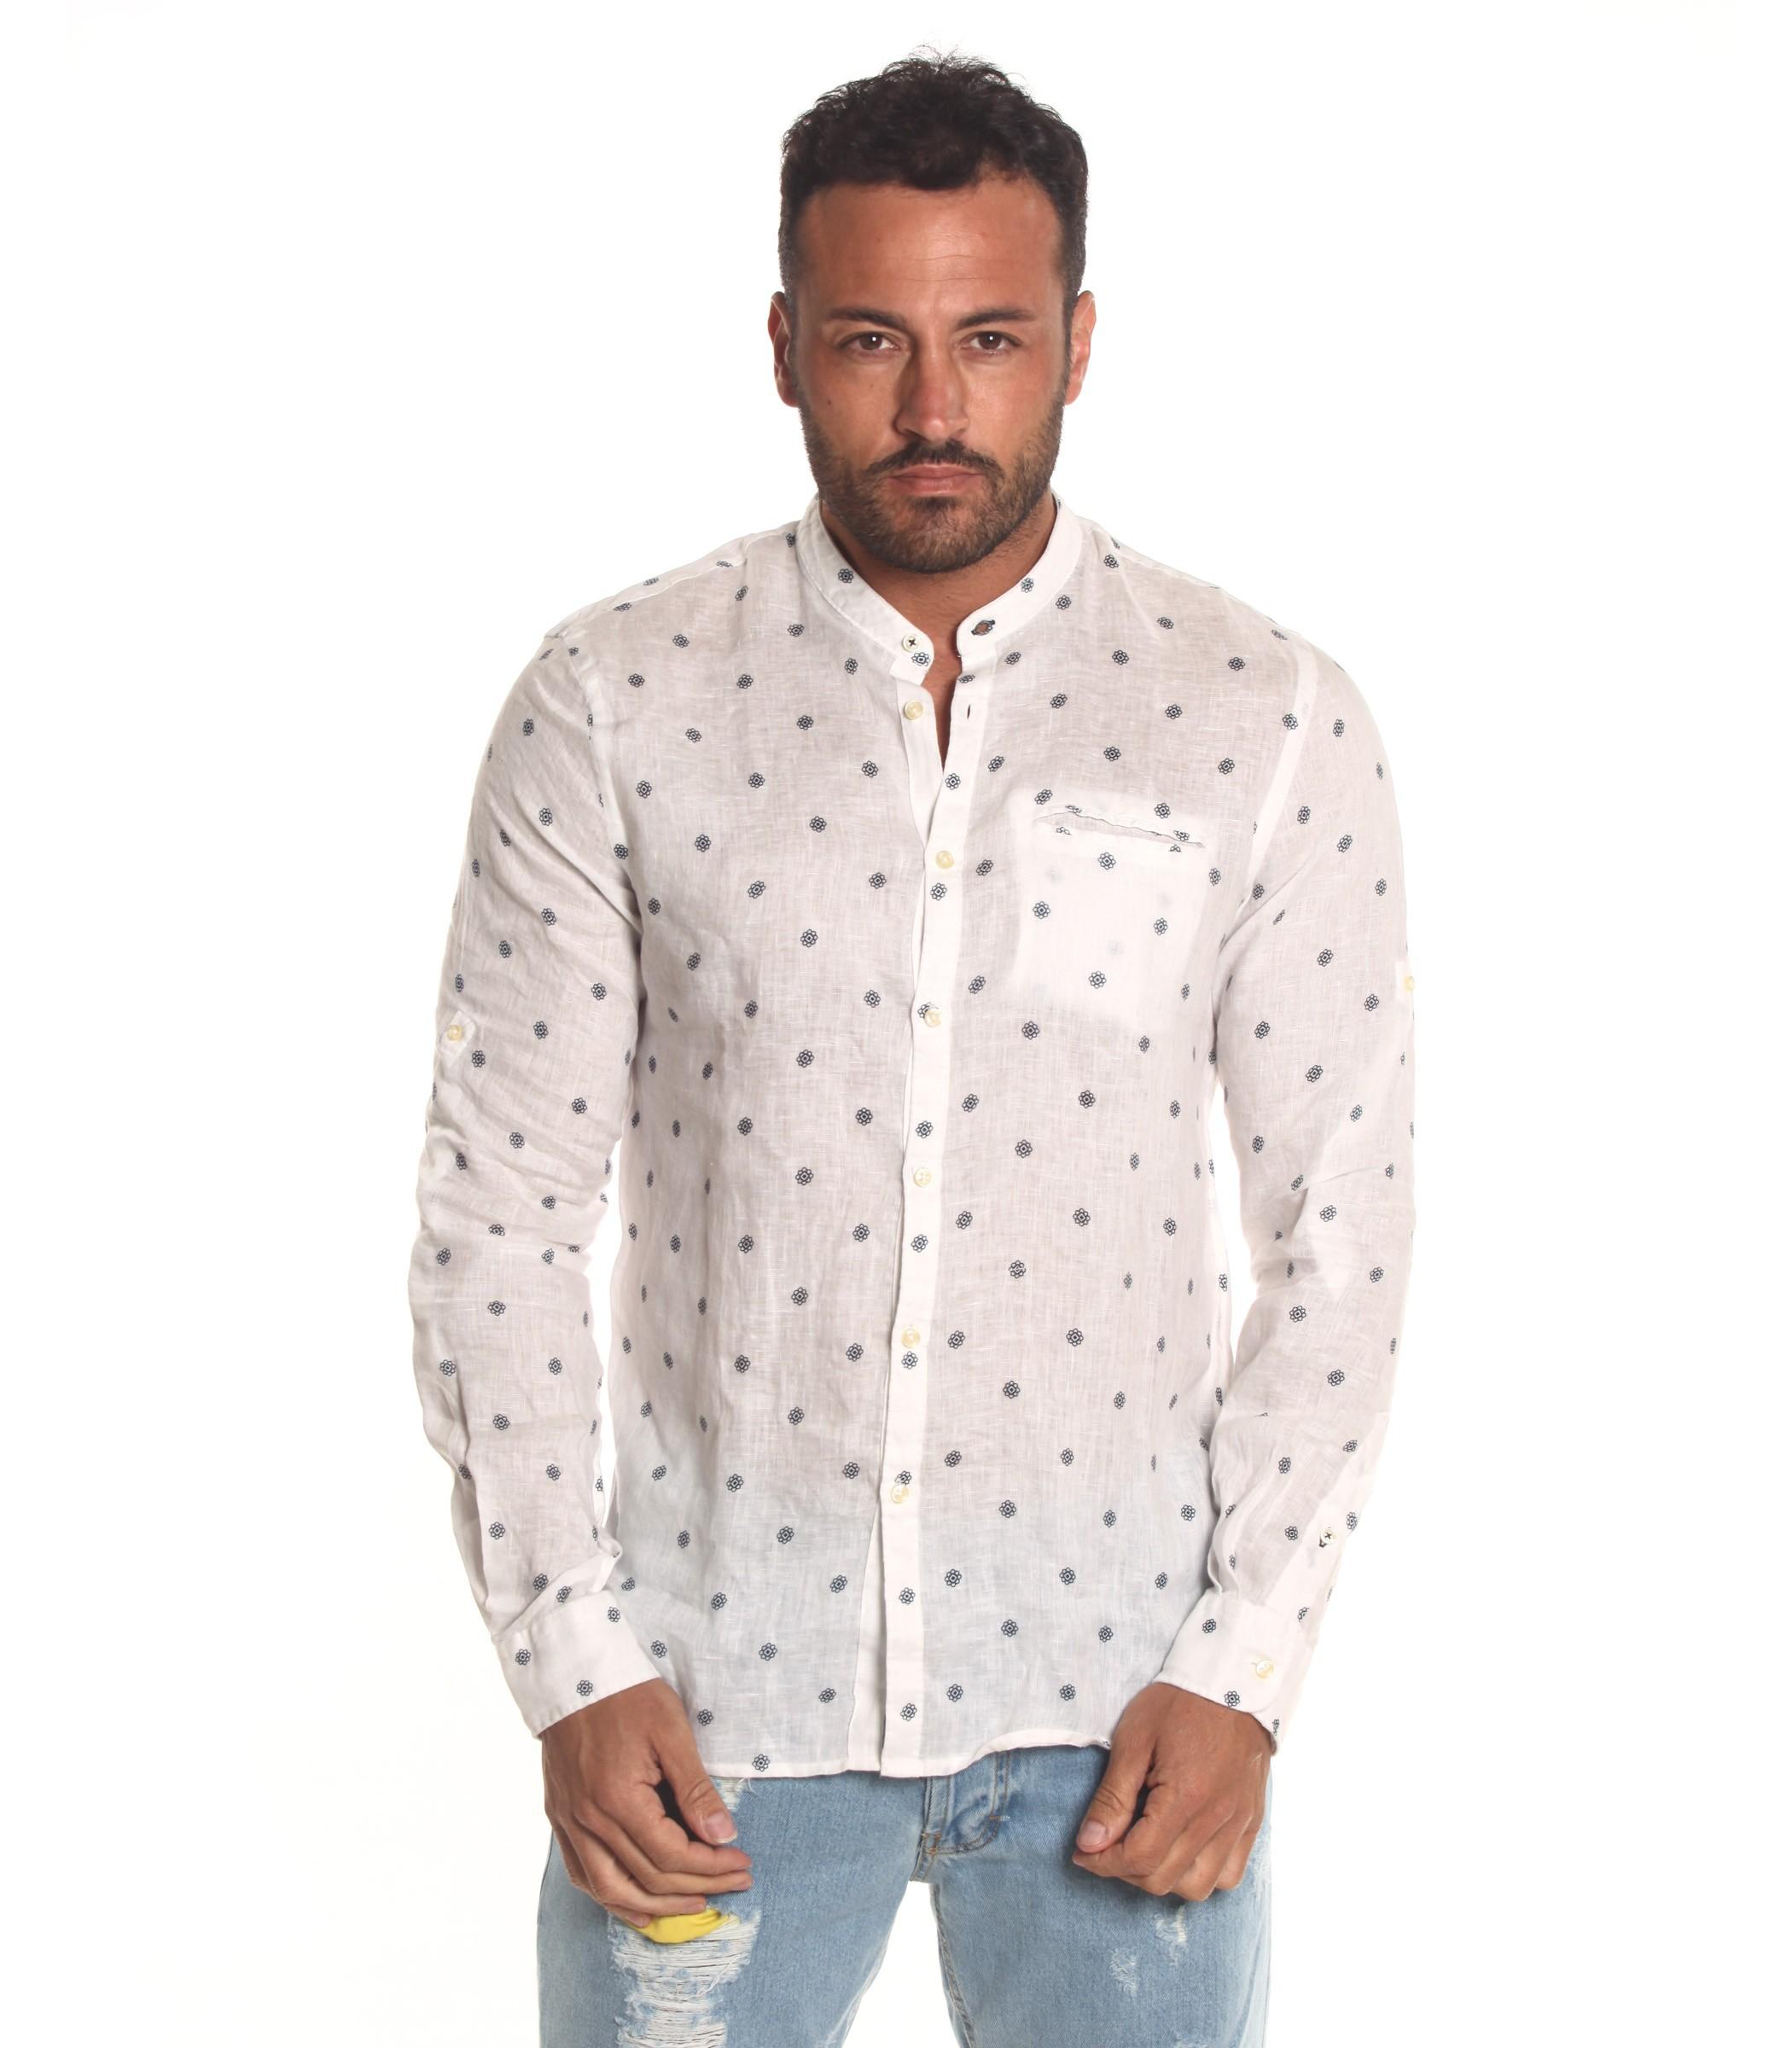 buy popular 0436c 7bf33 Camicia OUTFIT di lino collo coreana e fantasia da uomo ...